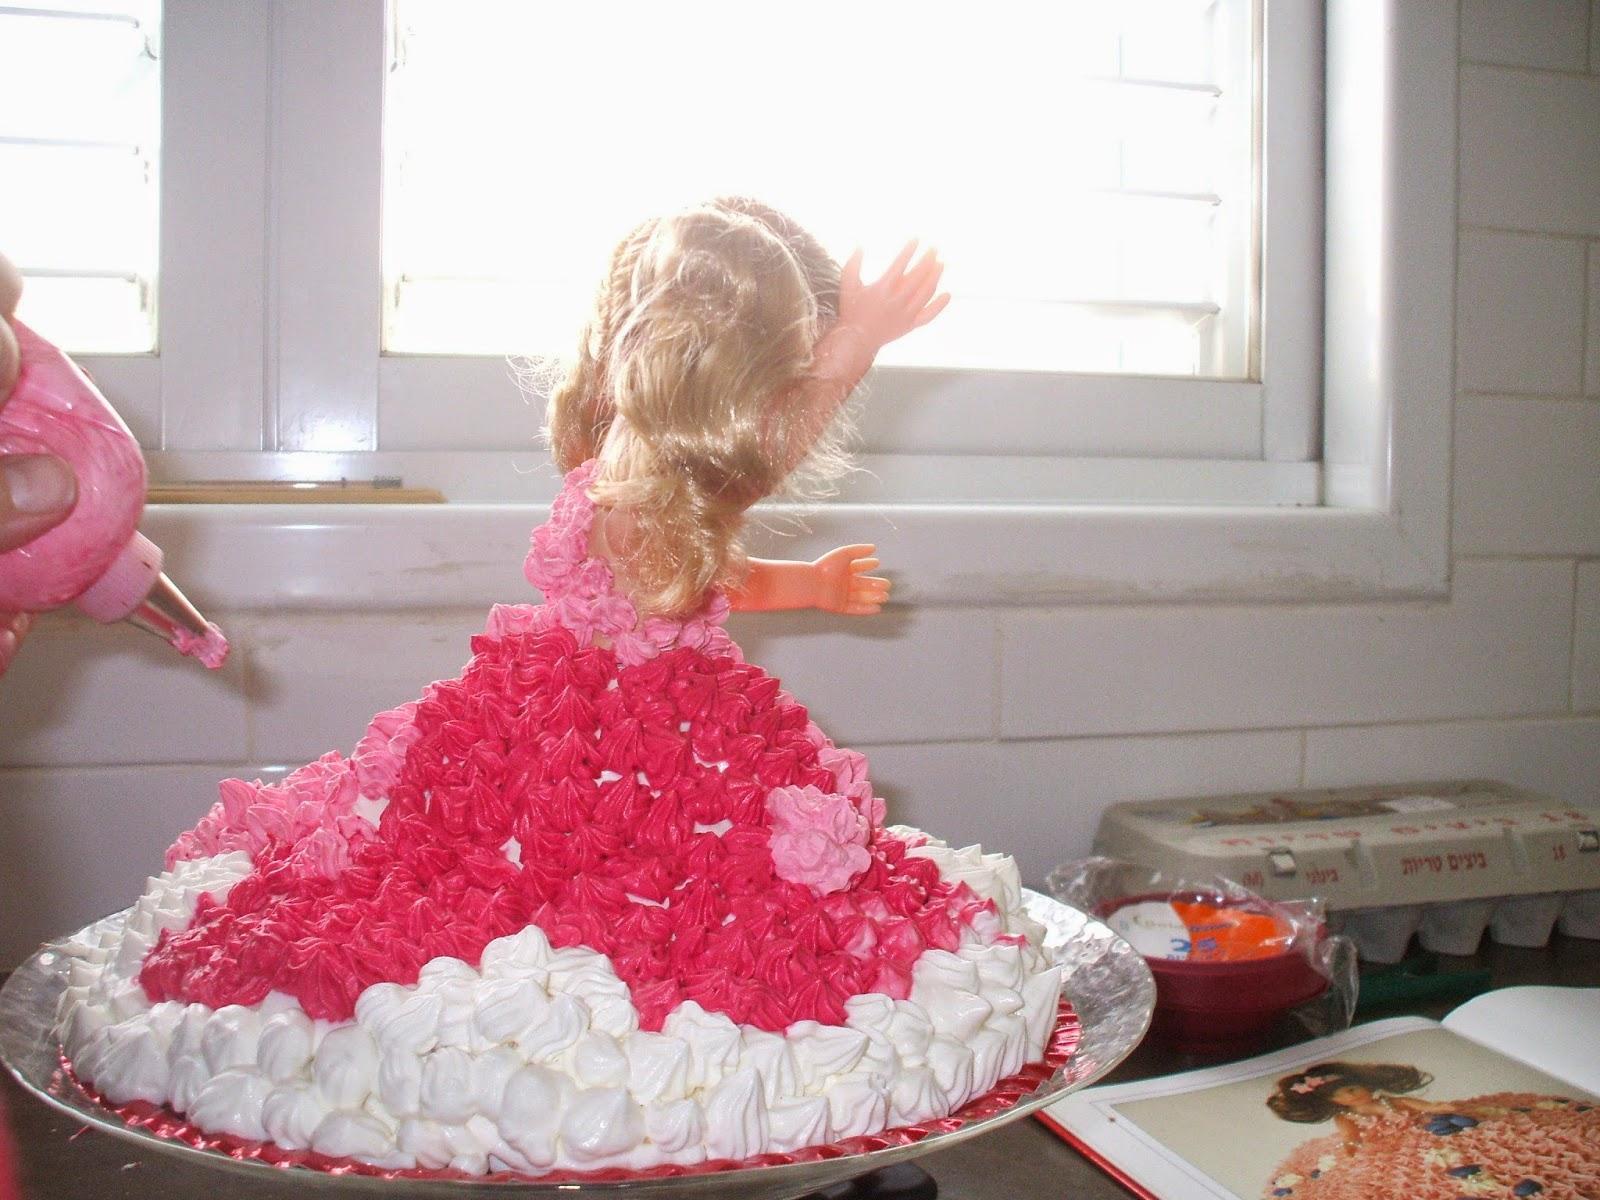 DSCF3086 - עוגת נסיכה